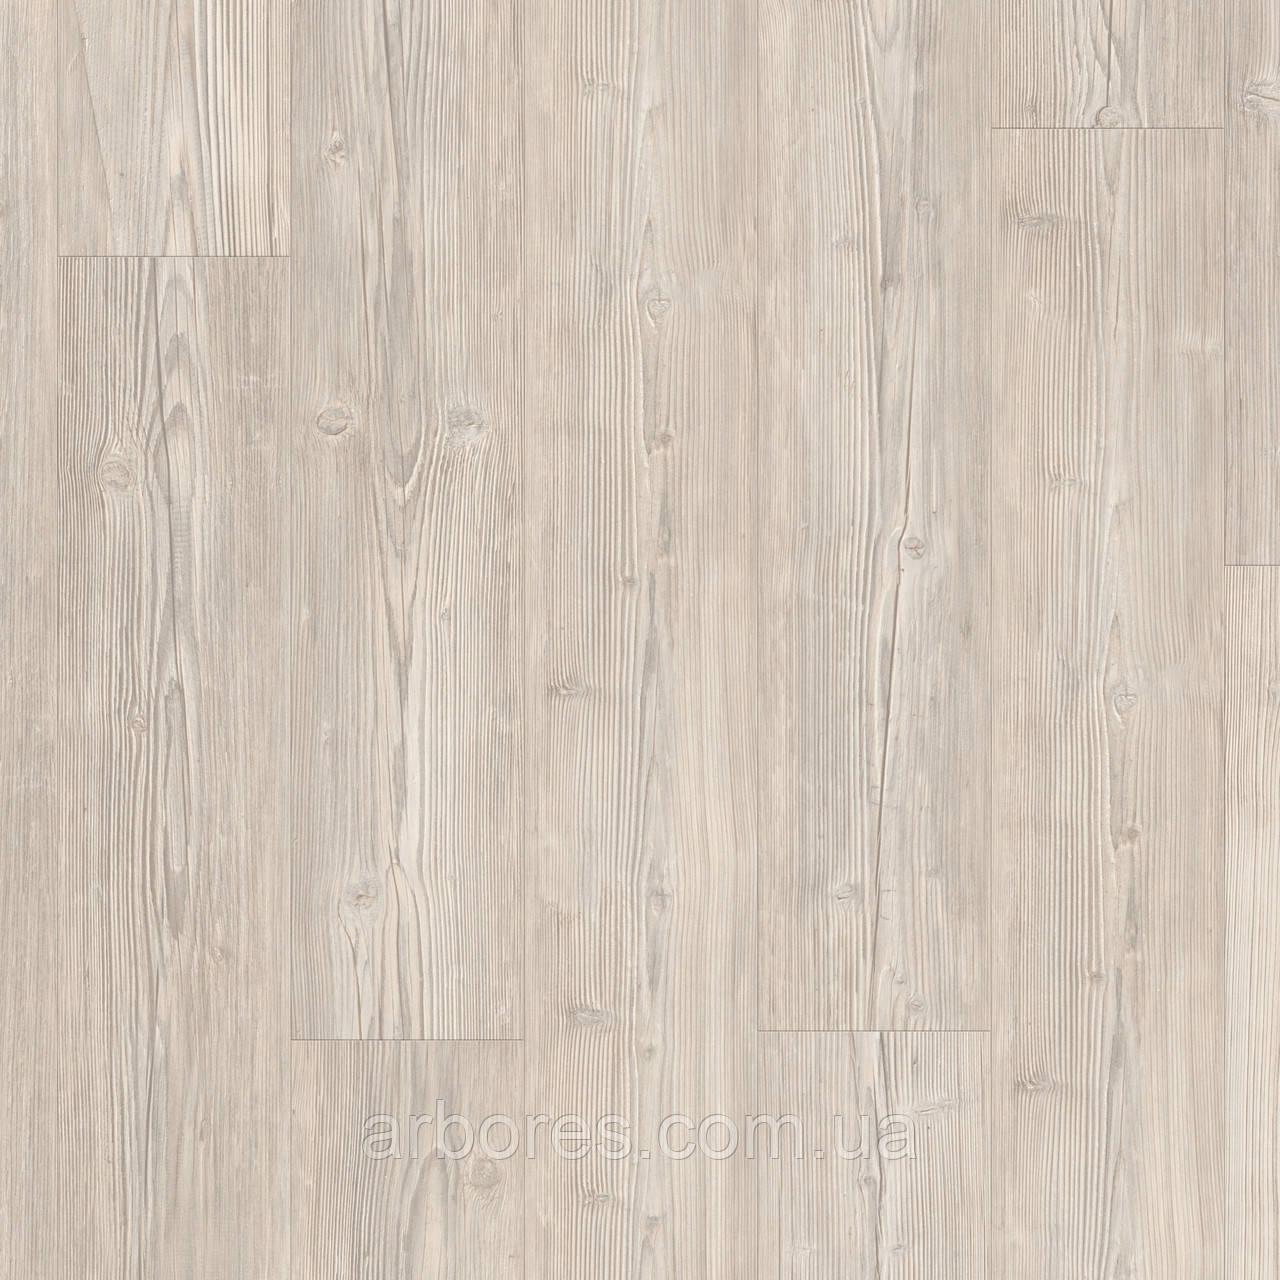 Виниловая плитка Quick-Step Livyn Balance Click BACL40054 Сосна современная белая